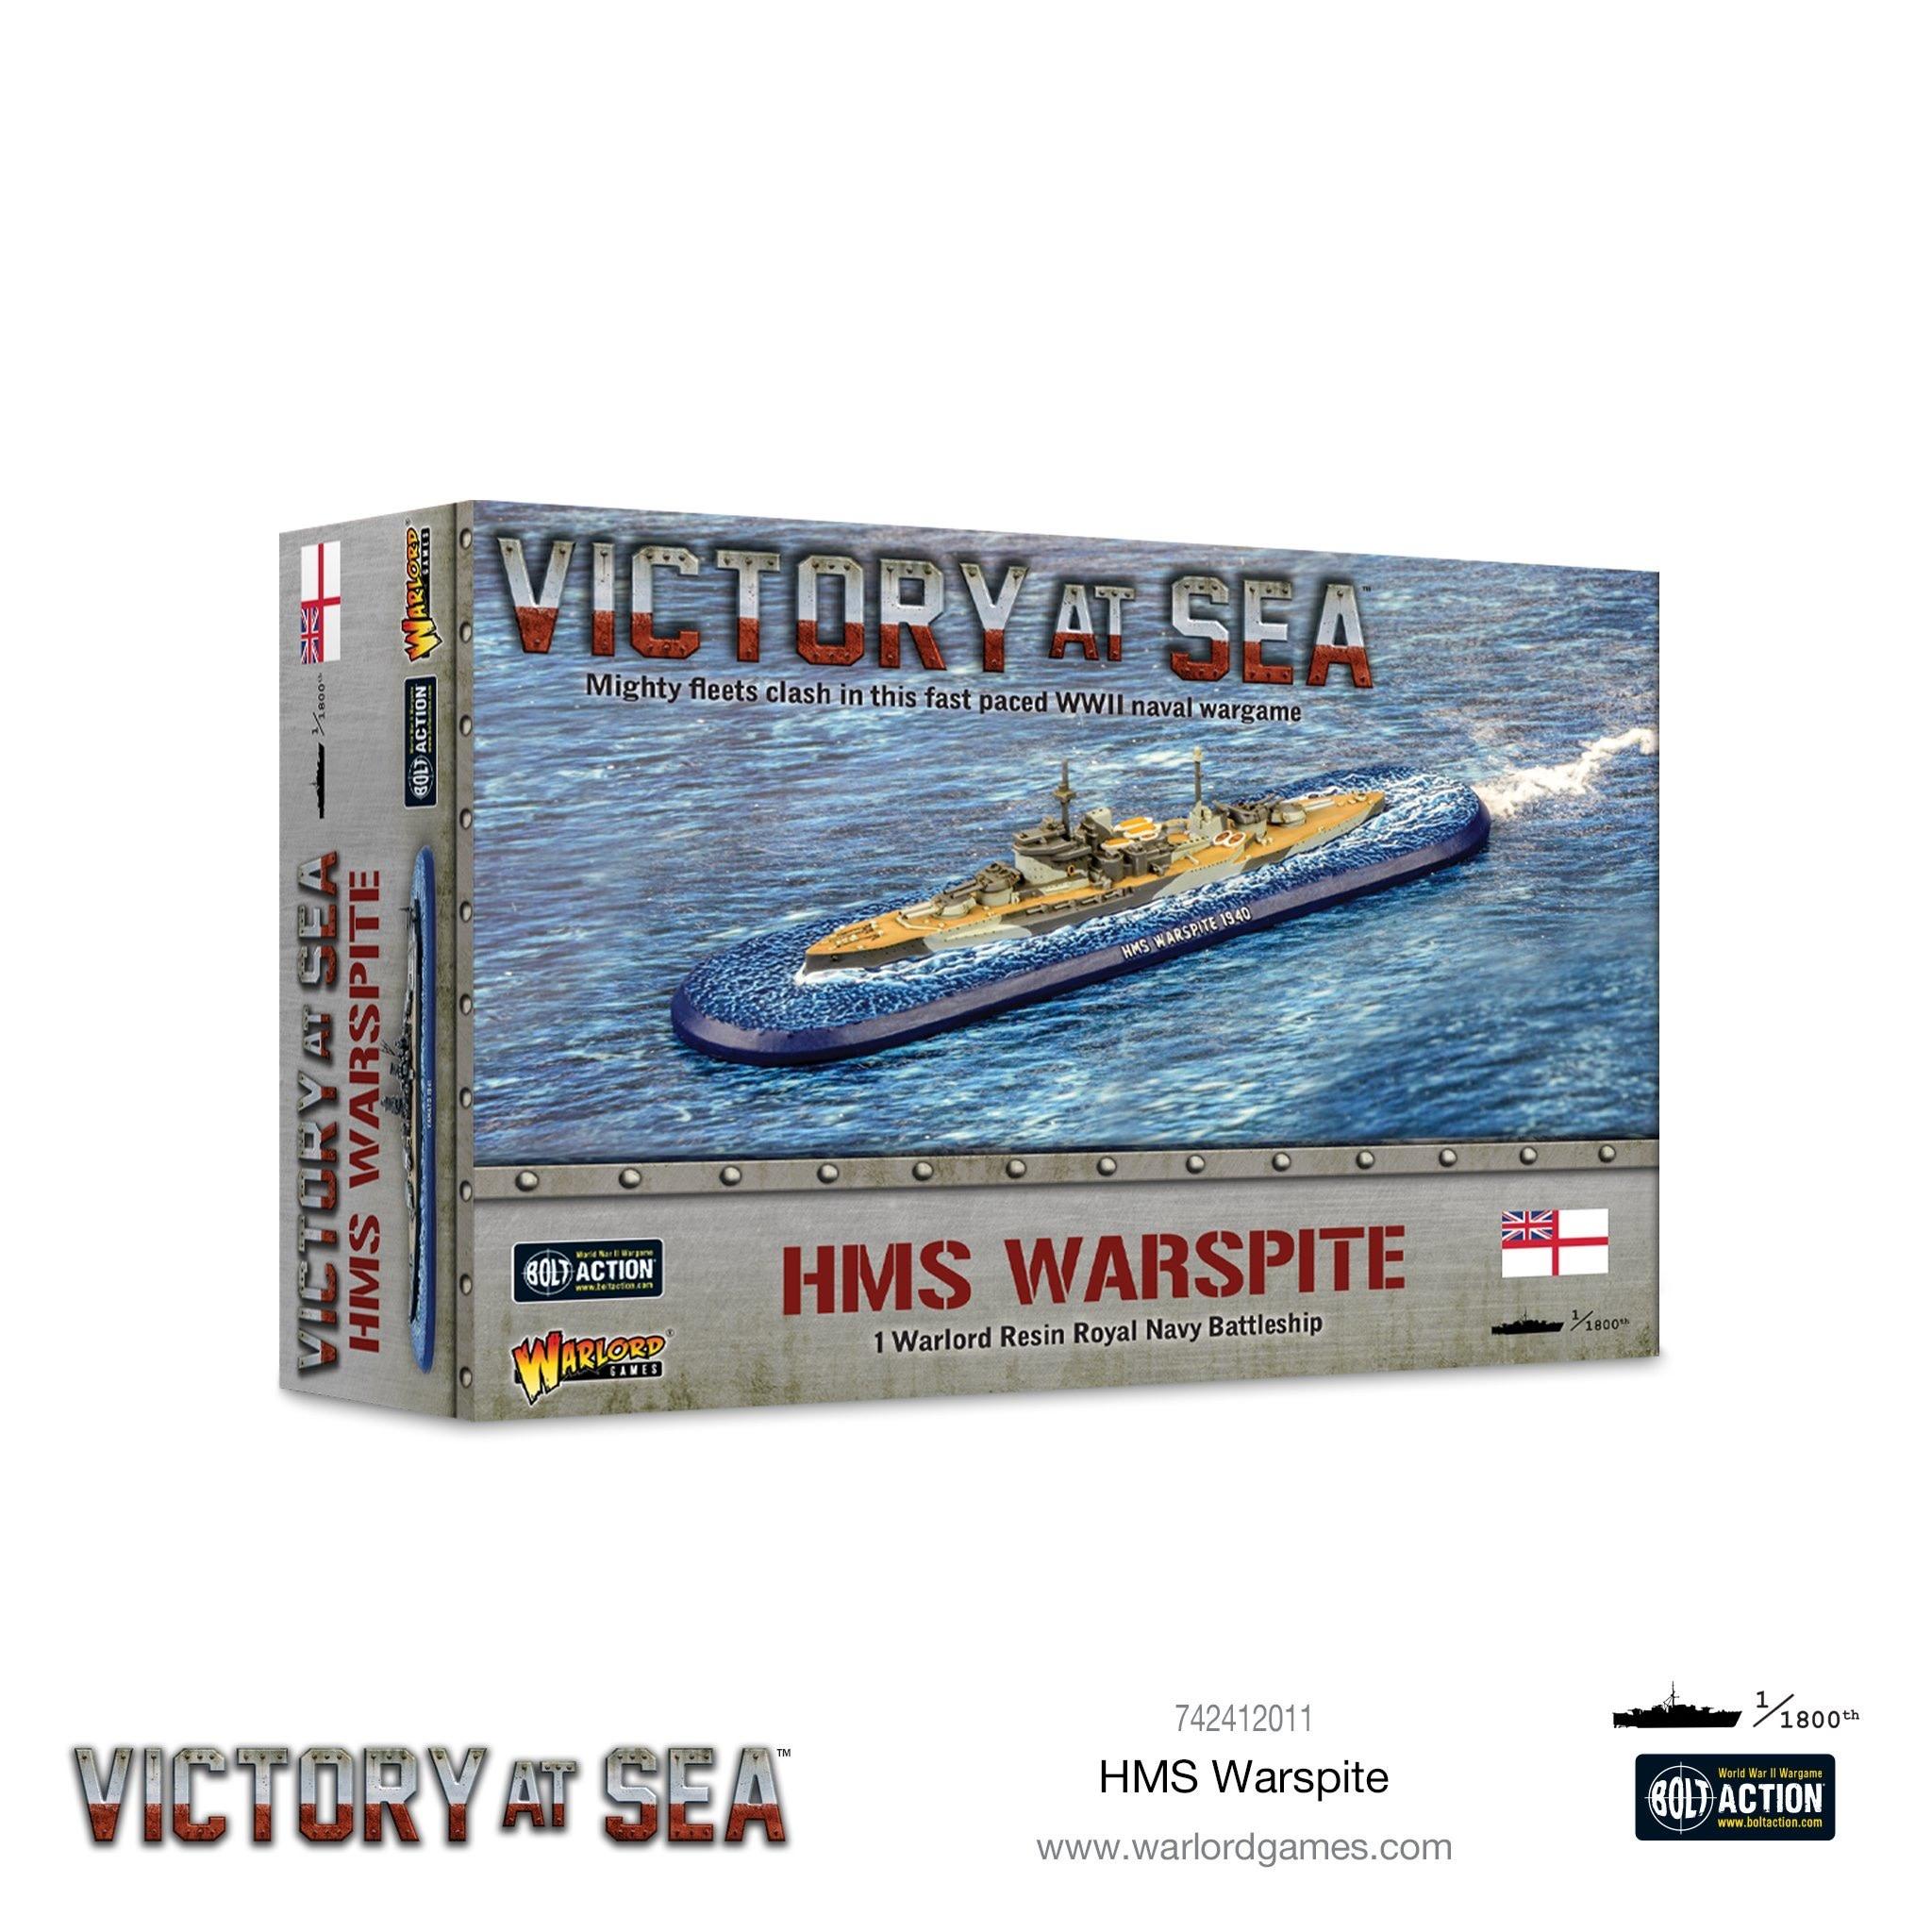 Warlord games Victory at Sea: HMS Warpite- British